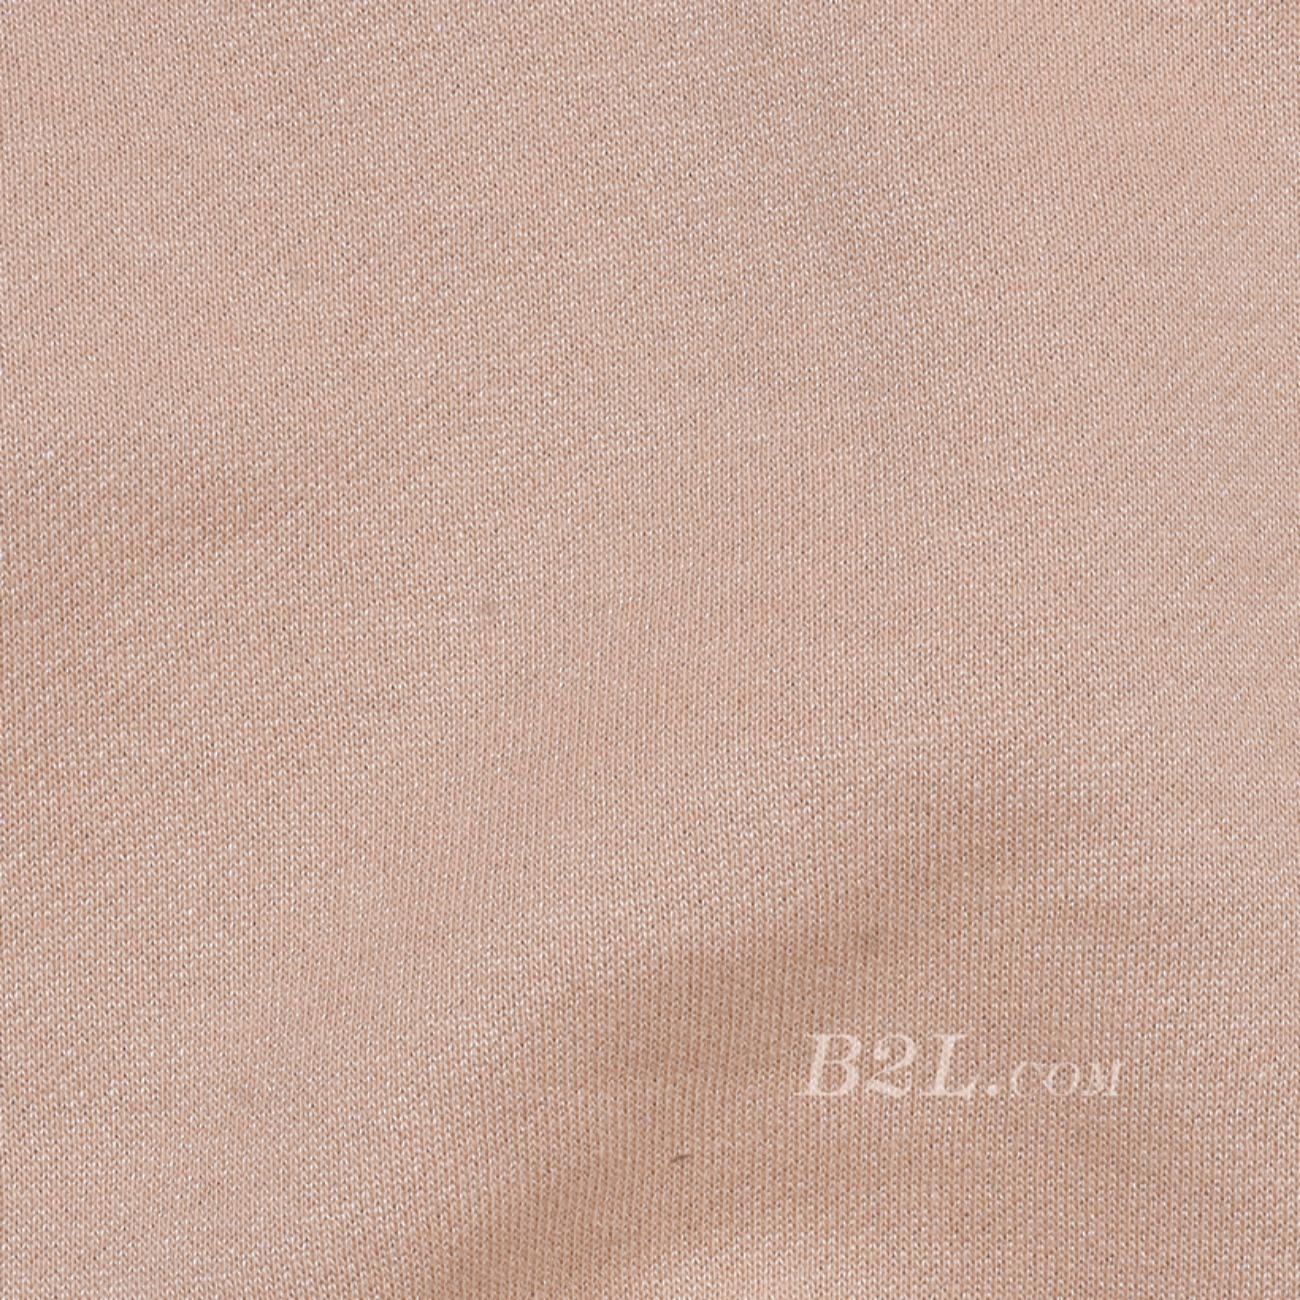 素色 针织 染色 低弹 闪光 春秋 连衣裙 时装 90306-20